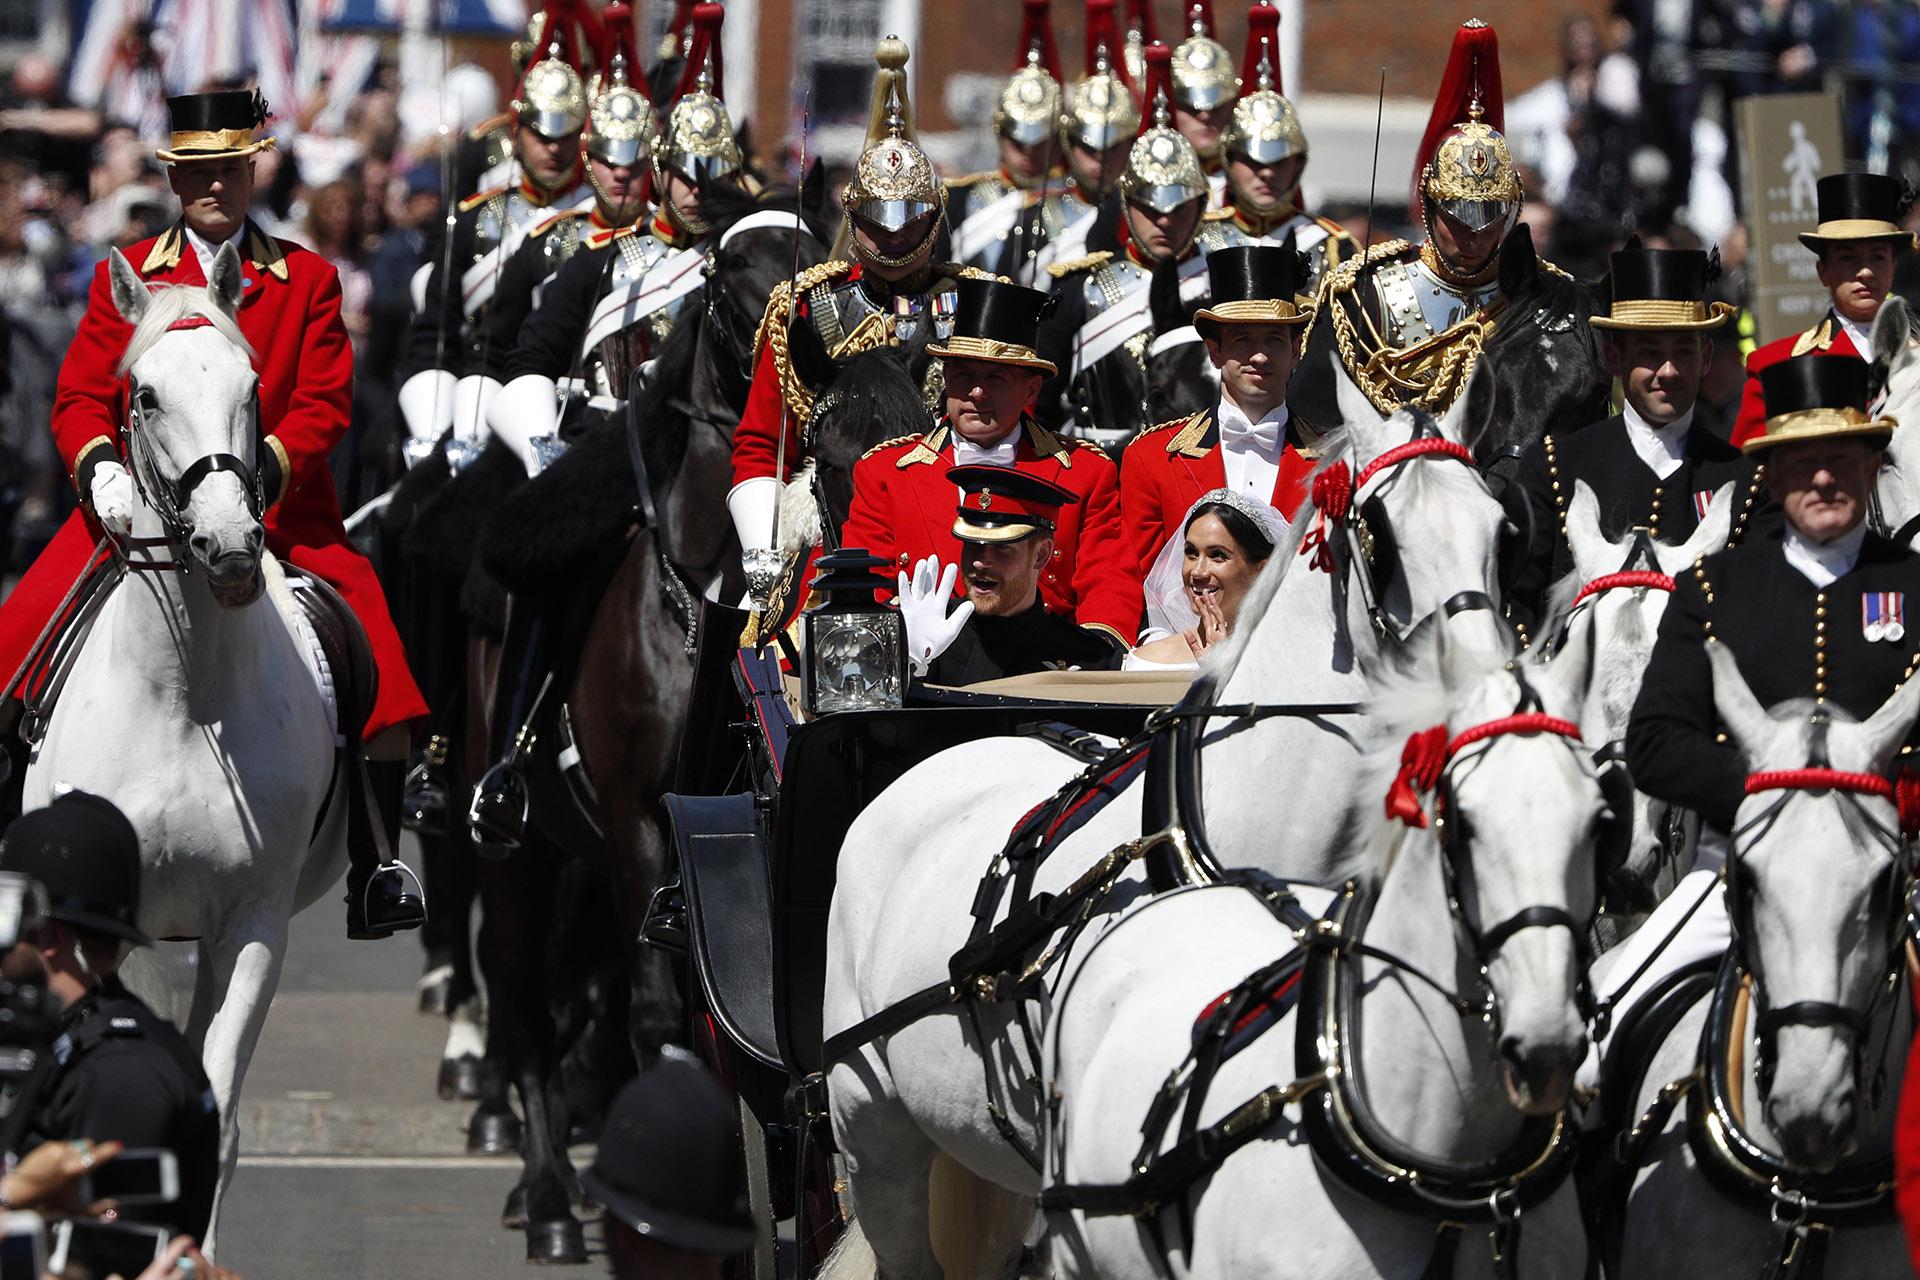 El recorrido de los recién casados fue de 3 kilómetros. Salieron y regresaron al castillo de Windsor luego de saludar a la gente que esperaba en las calles con banderas de ambos países: Reino Unido y Estados Unidos (AFP)